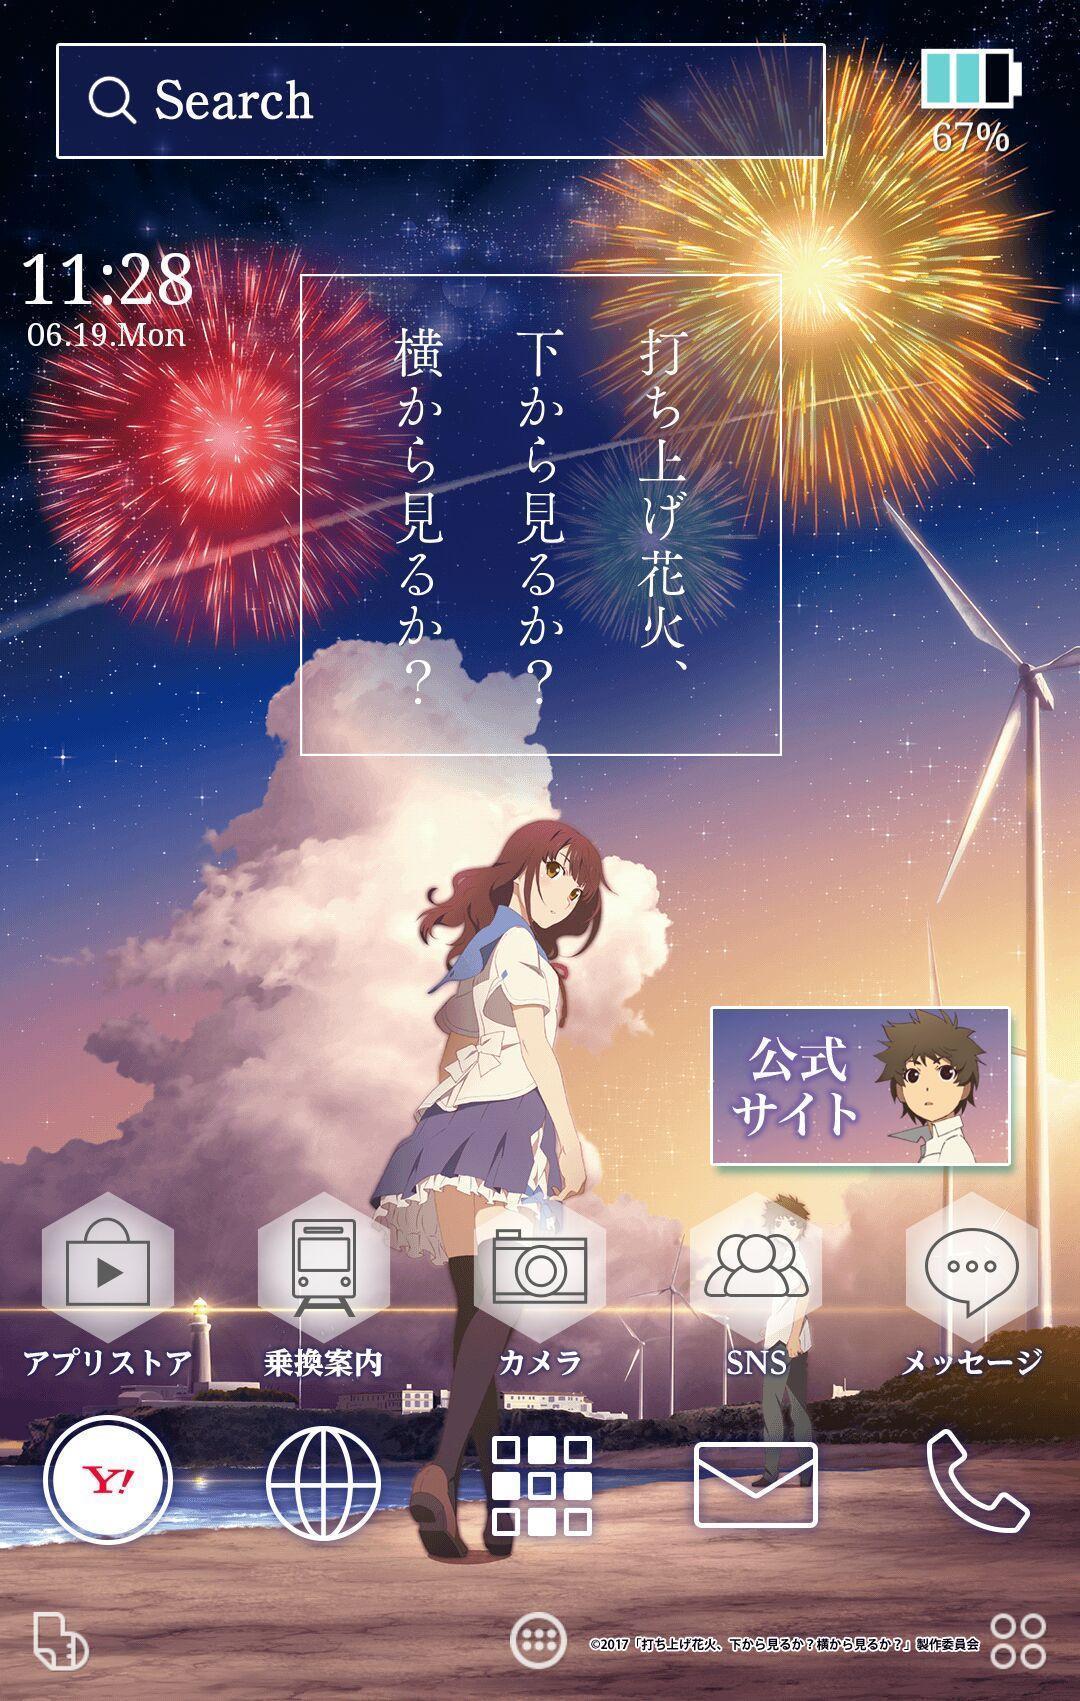 打ち上げ花火 下から見るか 横から見るか 壁紙きせかえ For Android Apk Download